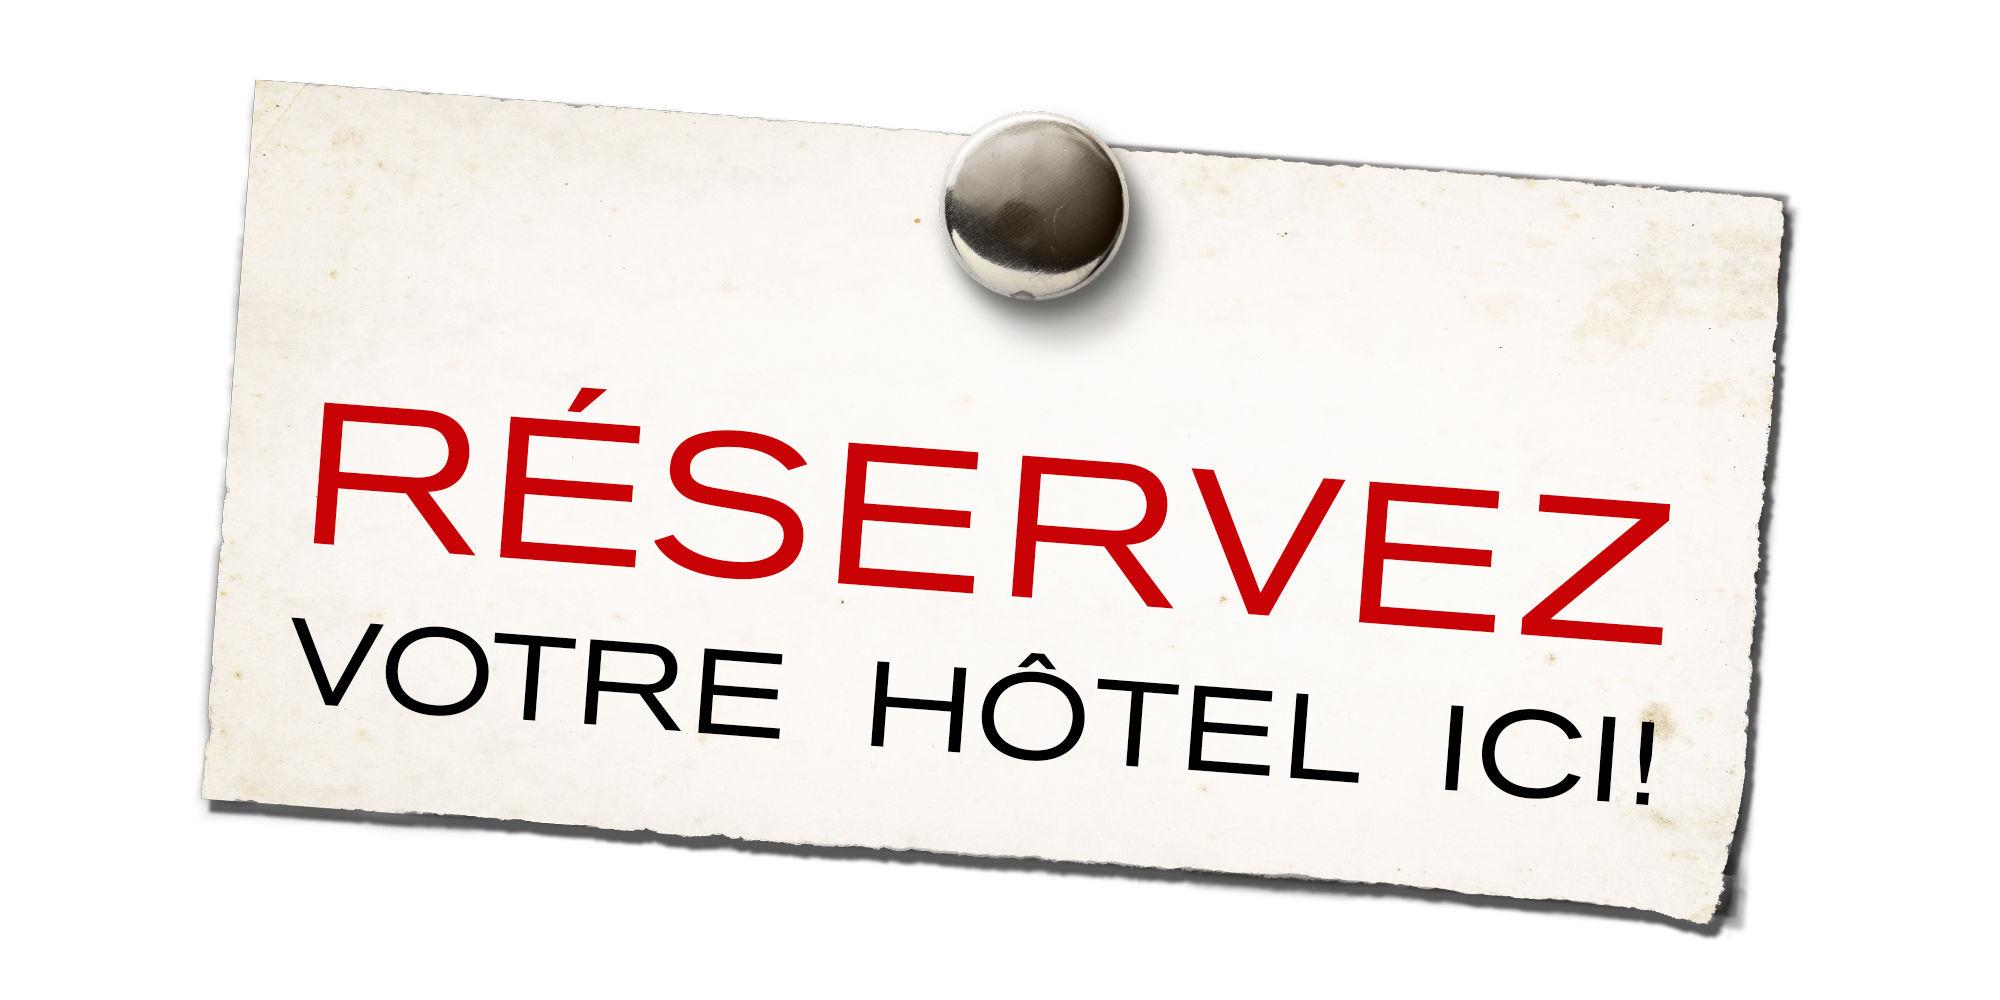 Reservez Hotel Saas Fee Summer Opening